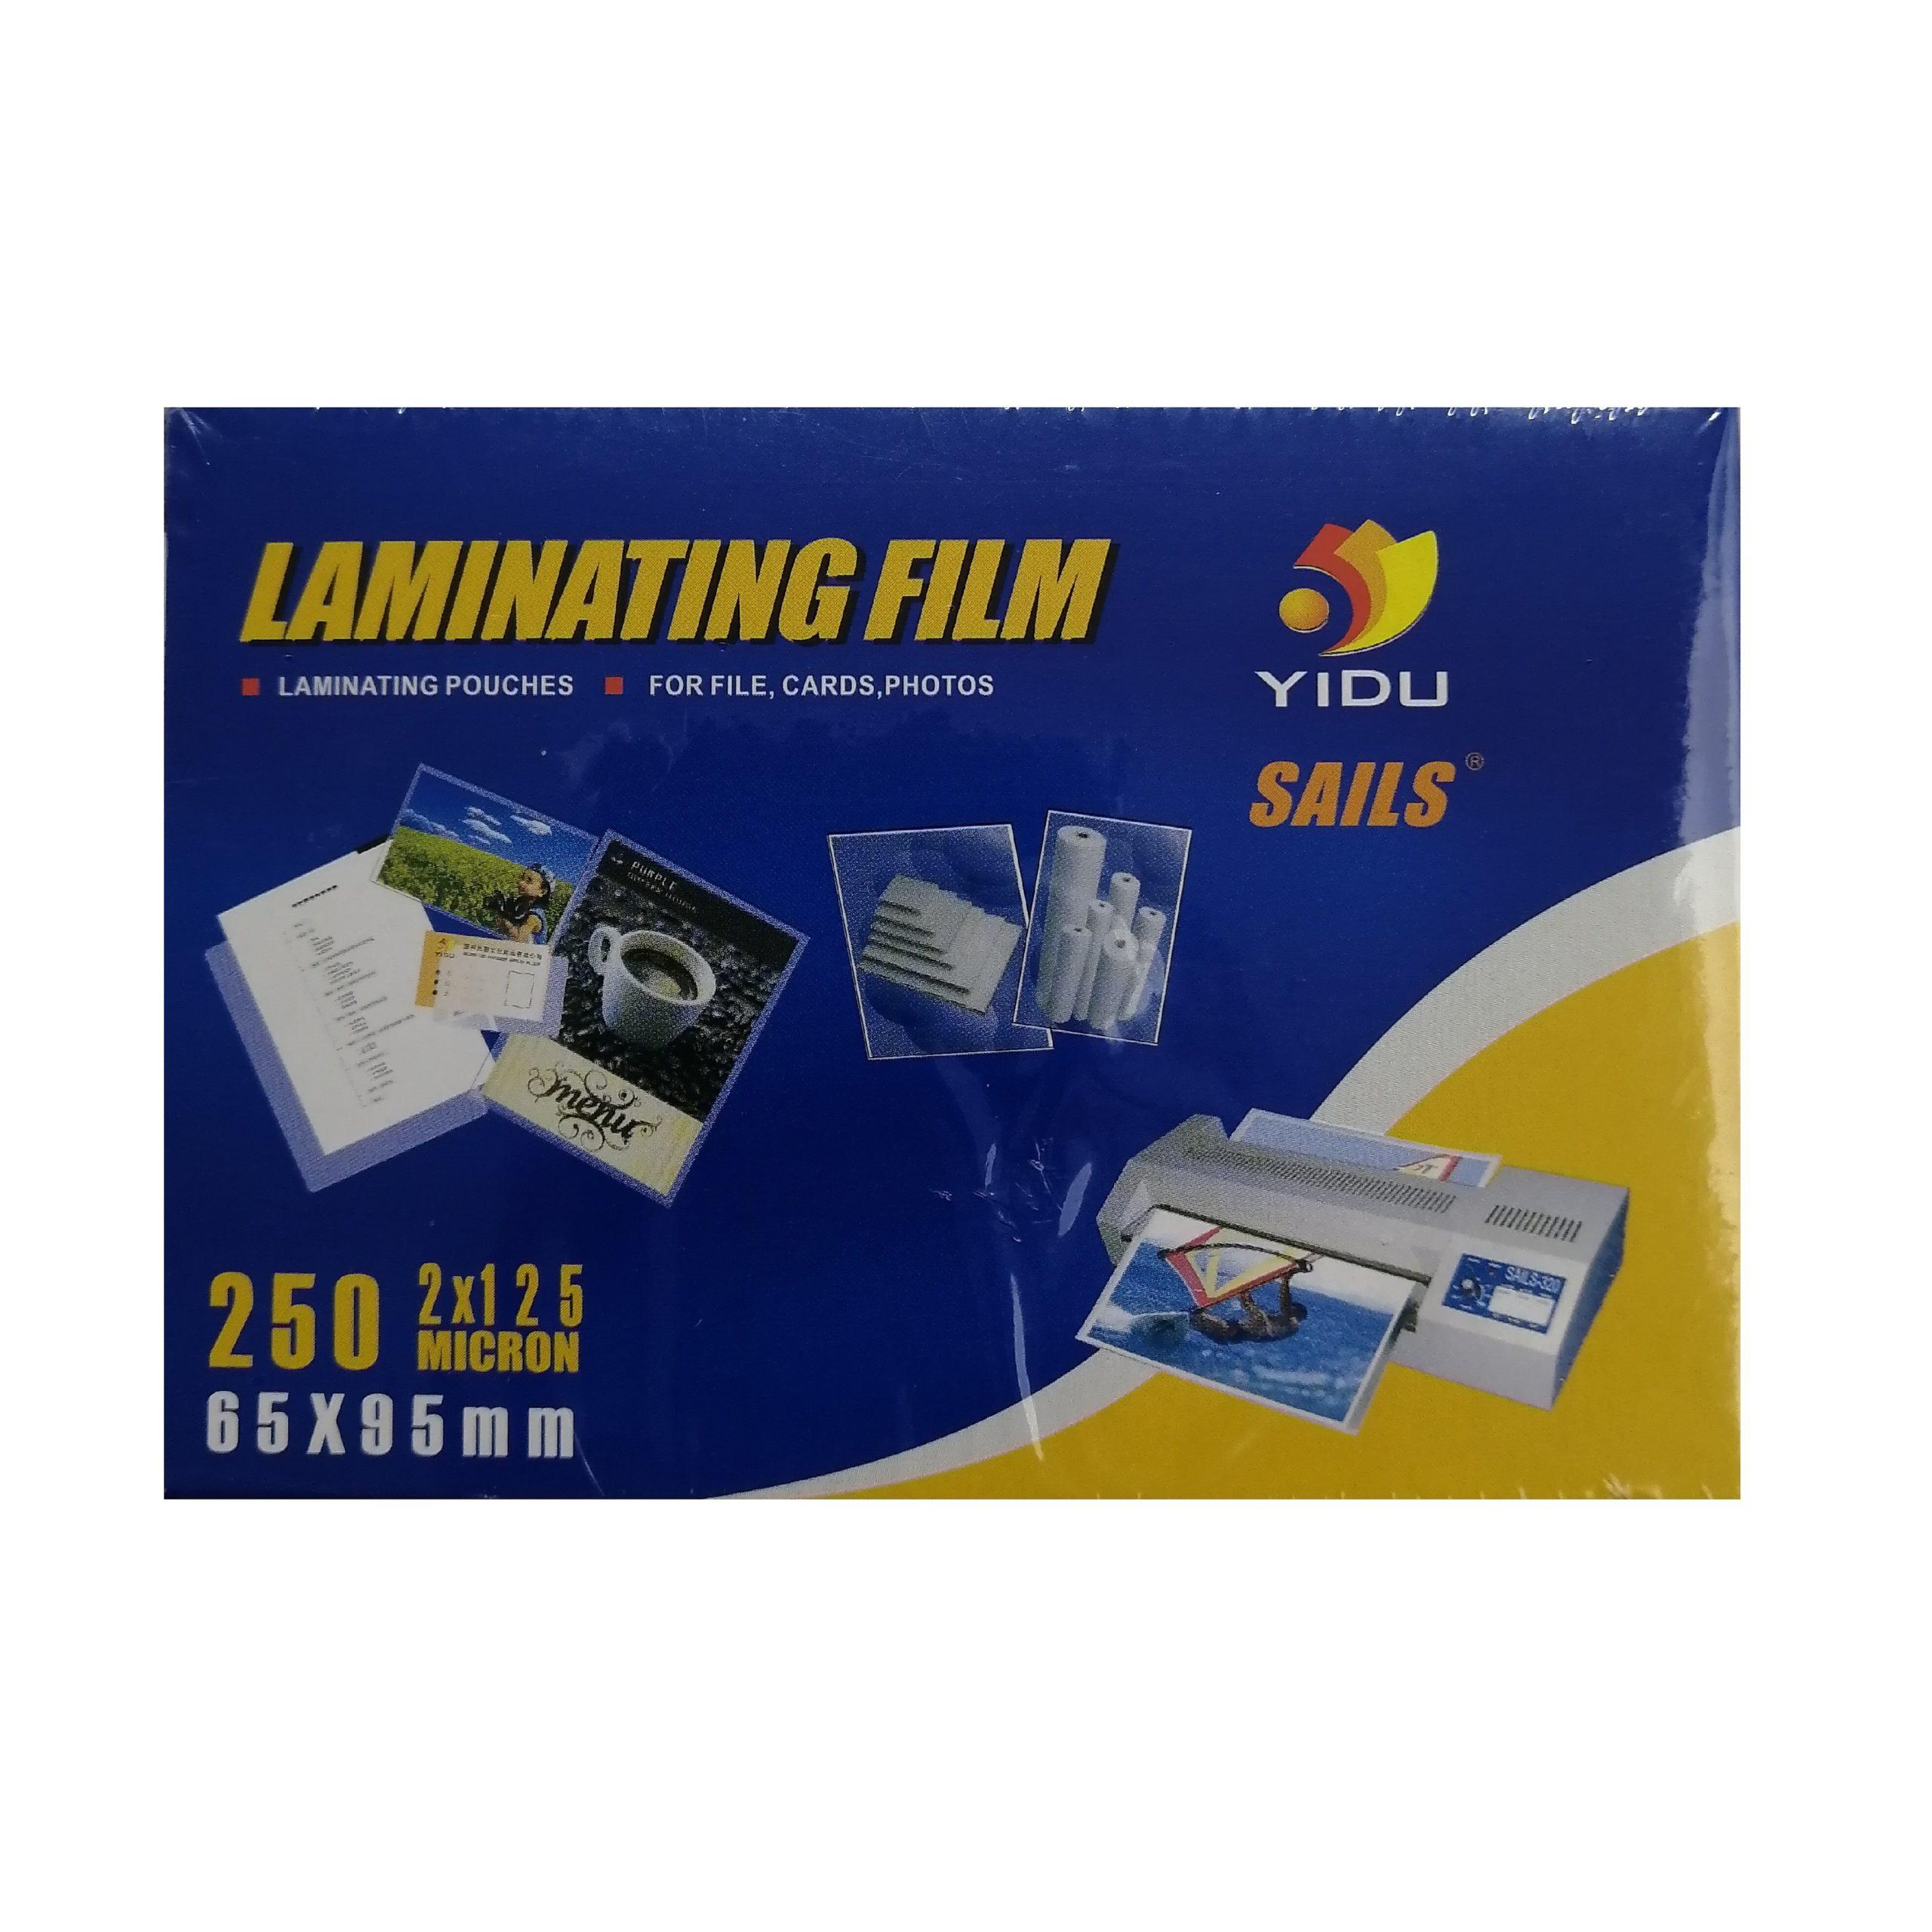 LAMINATING FILM 100 PK 65 X 95